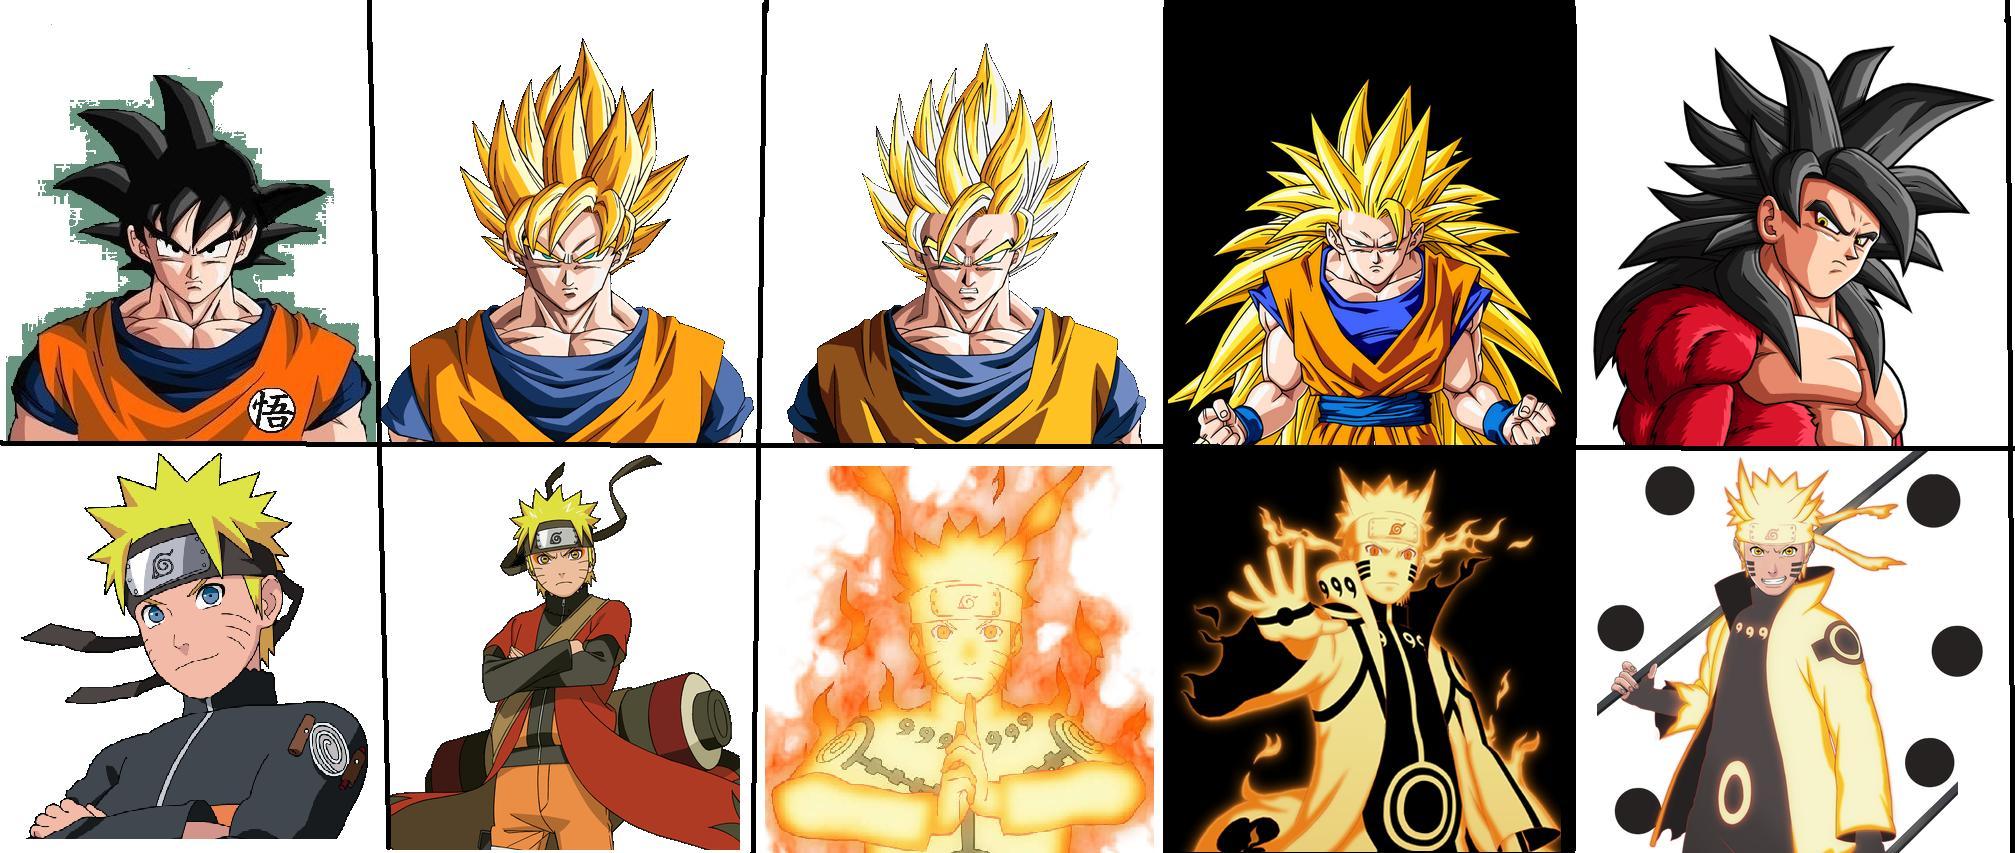 Goku And Naruto by TLKfaaan 2015x853